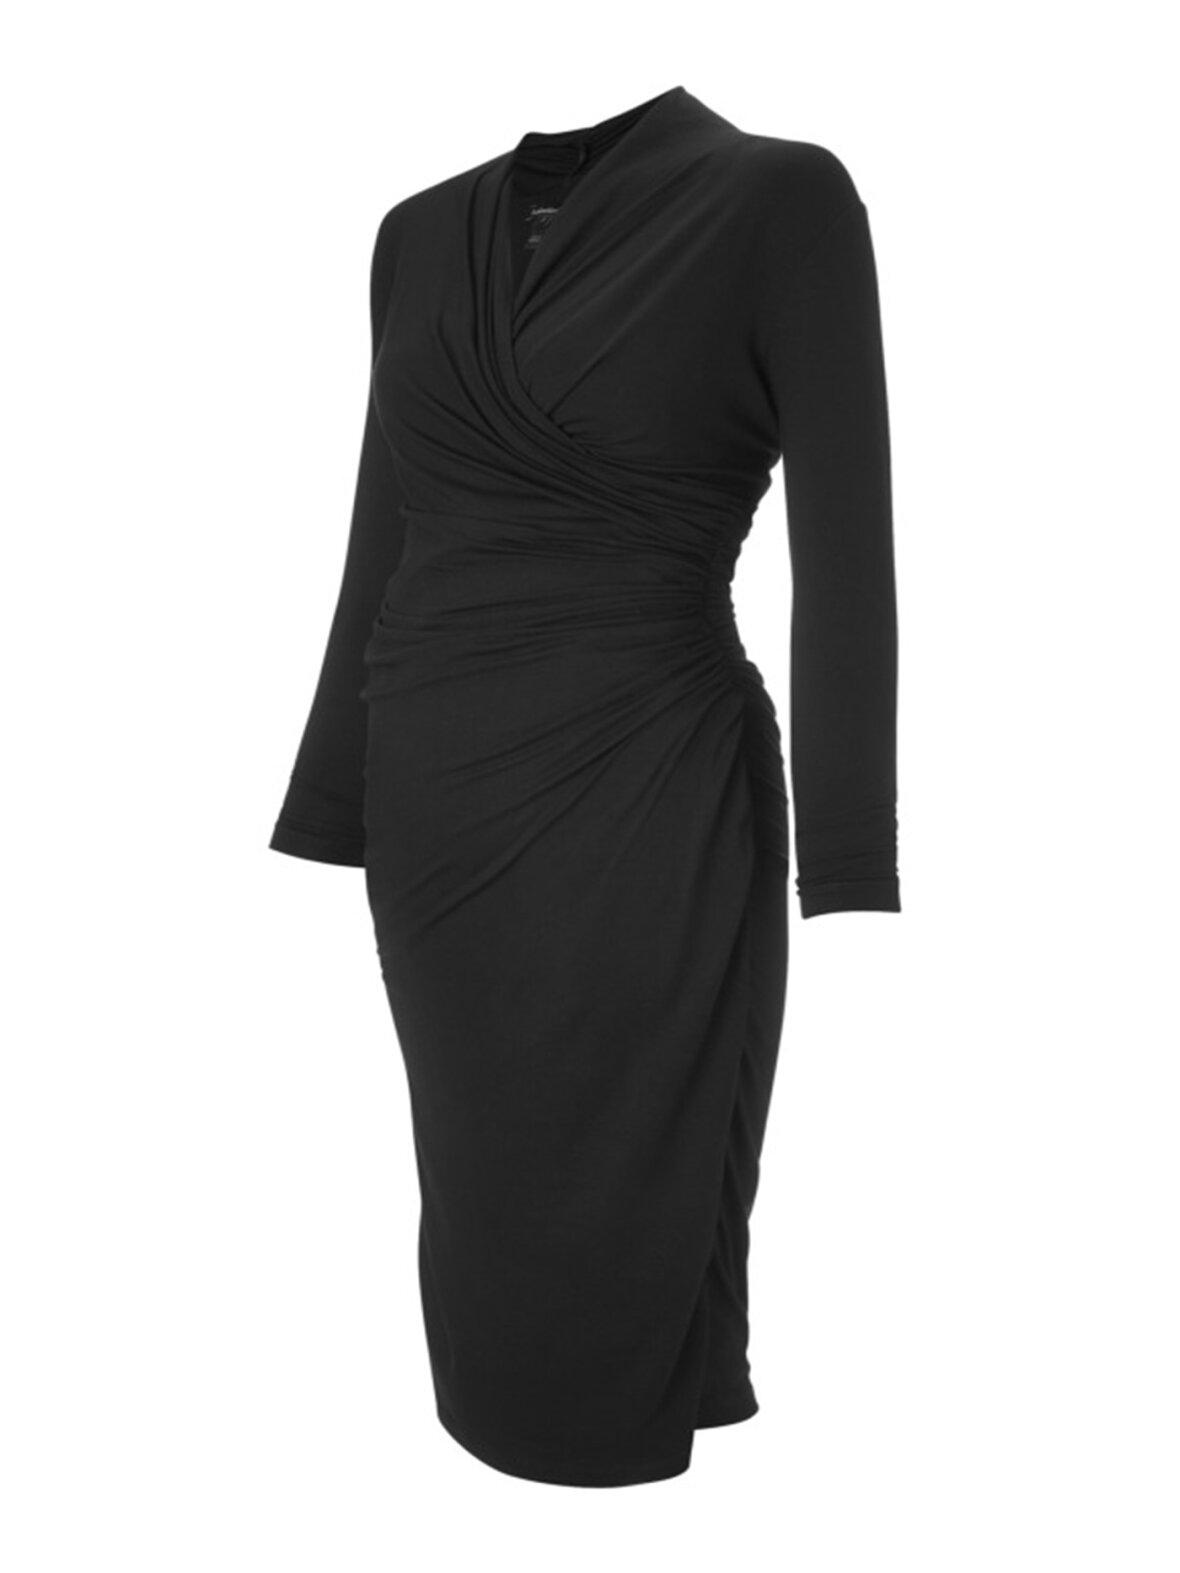 e1dbe13d318 Enula9 - Workwear - Isabella Oliver - Balcombe kjole sort